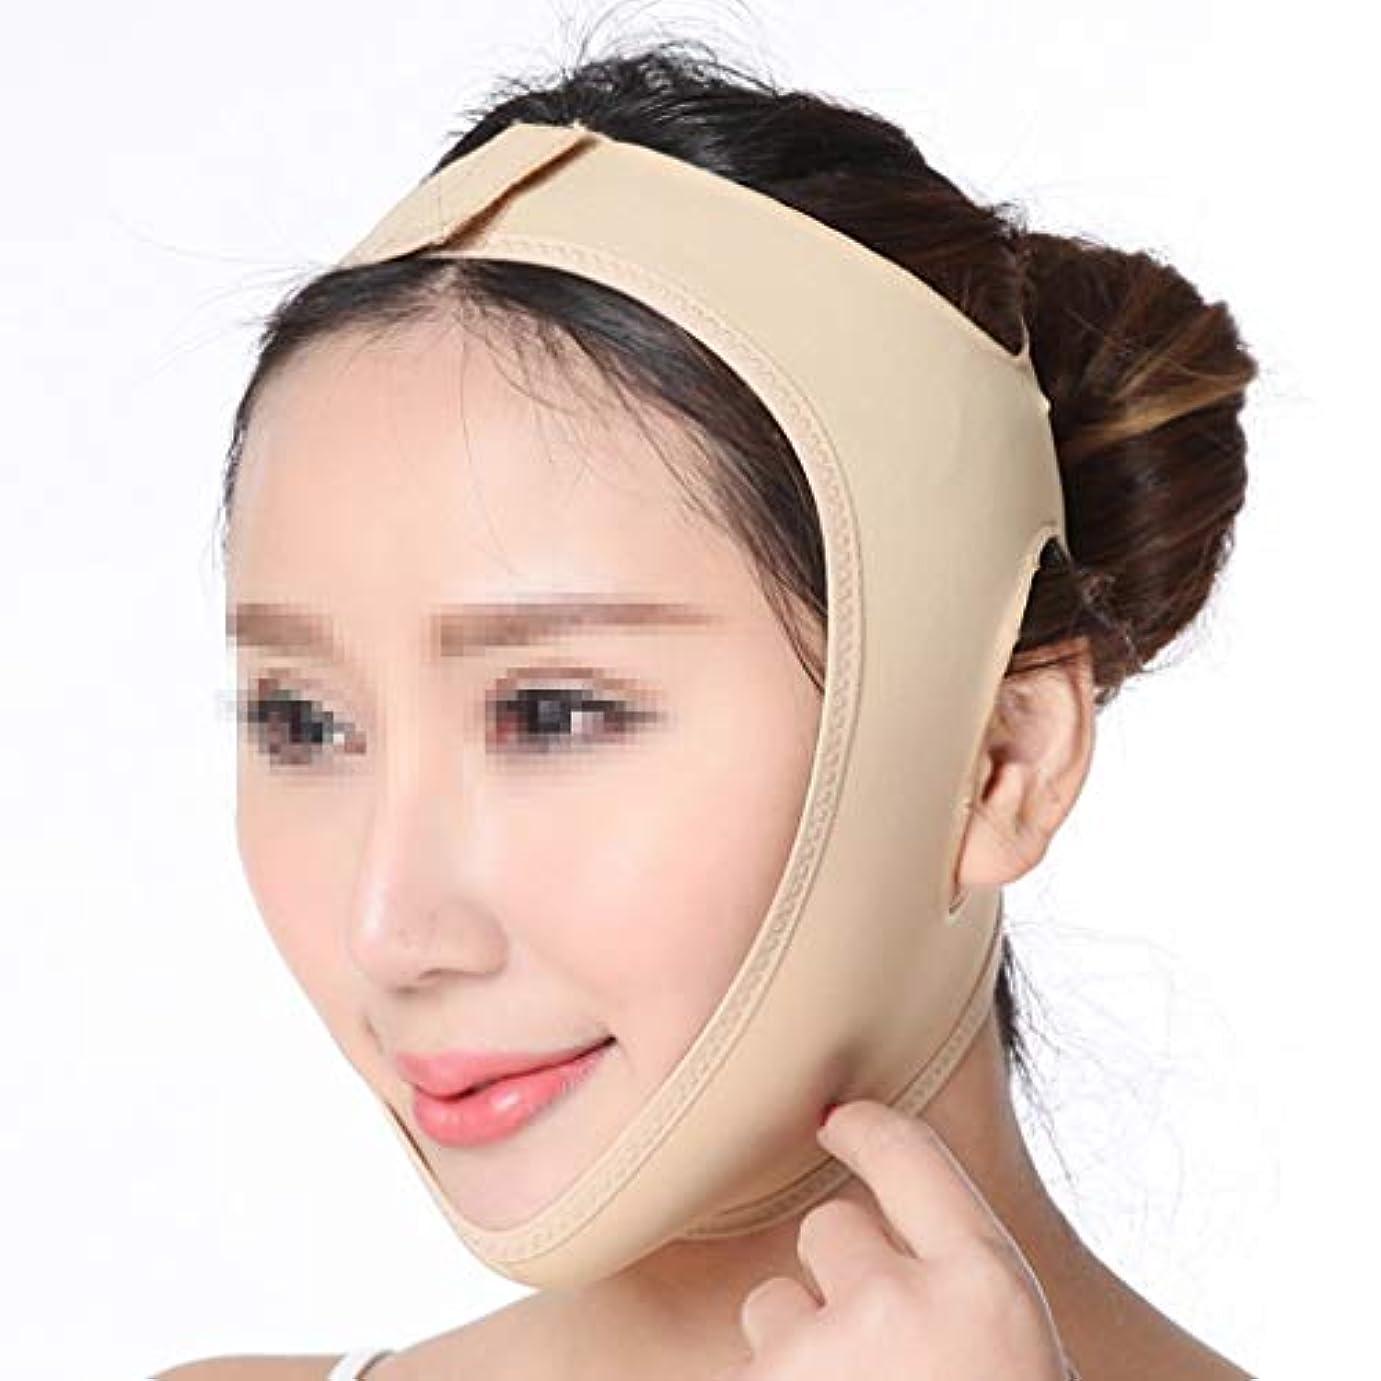 女性貢献ダンプXHLMRMJ 美容マスク、回復後のライン彫刻二重あごフェイスリフトアーティファクトフェイス小型Vフェイス楽器包帯リフティングケアヘッドギア (Size : L)